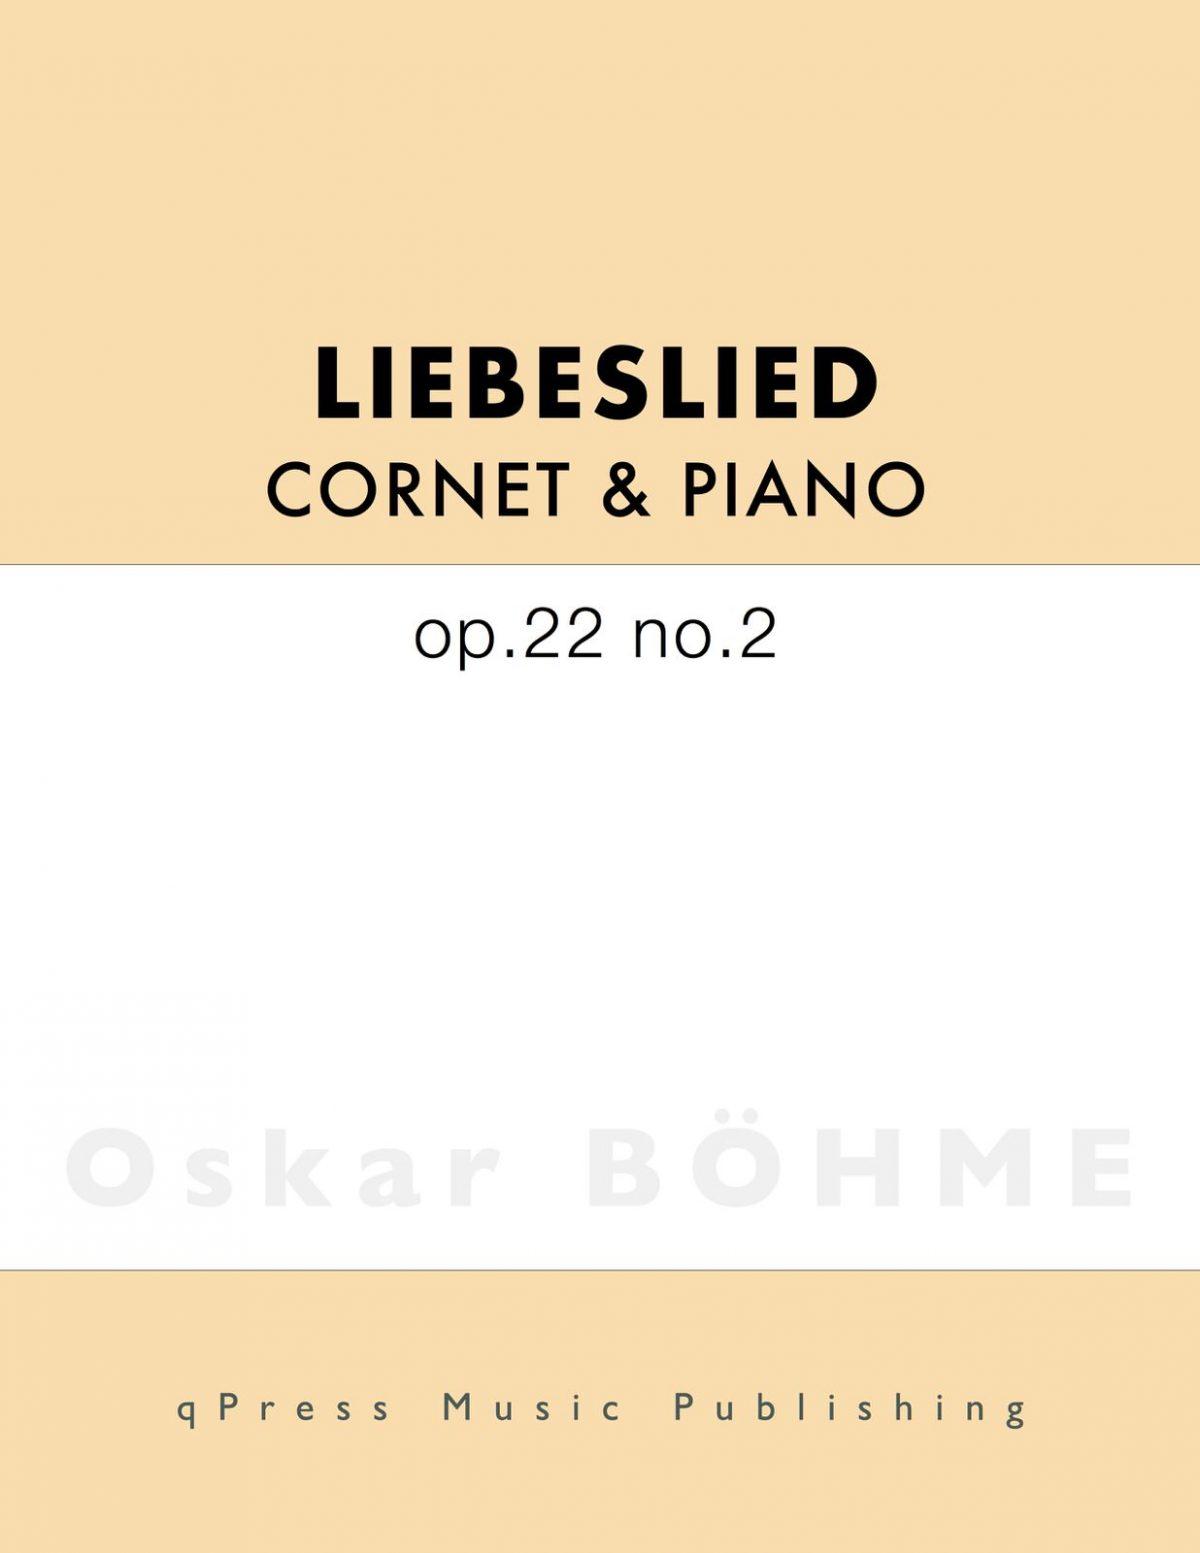 Bohme, Liebeslied-p1